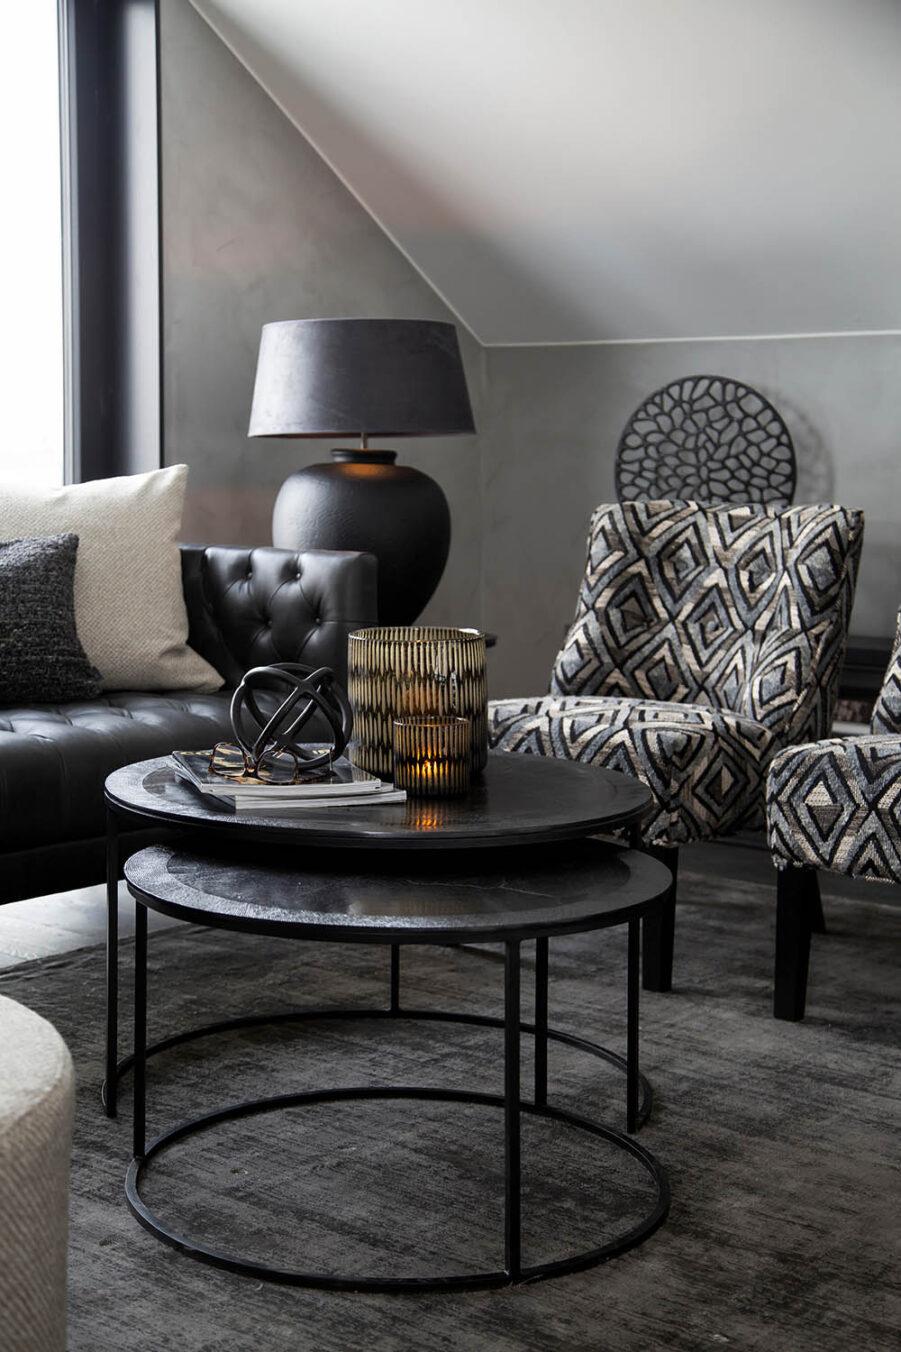 Miljöbild Williams soffa, Amadeo soffbord, ST Moritz stol från artwood